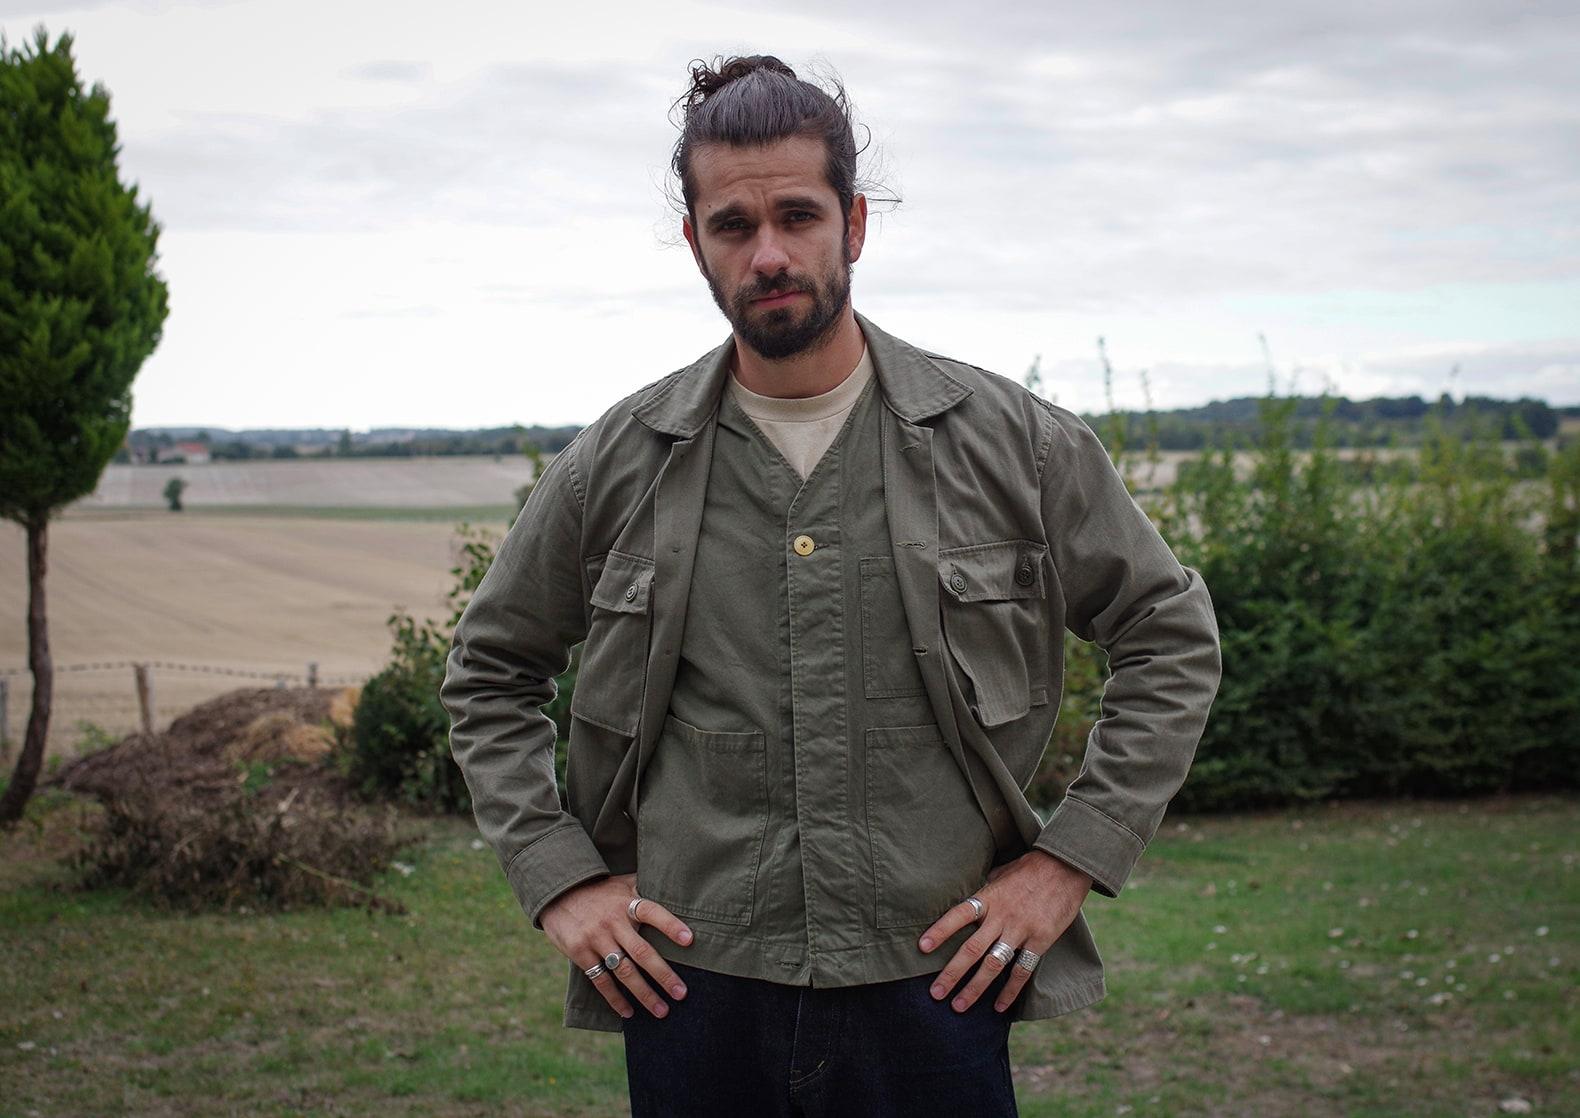 surchemise militaire type cison Arashi denim en hbt olive et gilet 1st Pat-rn wander vest - idée tenue homme workwear